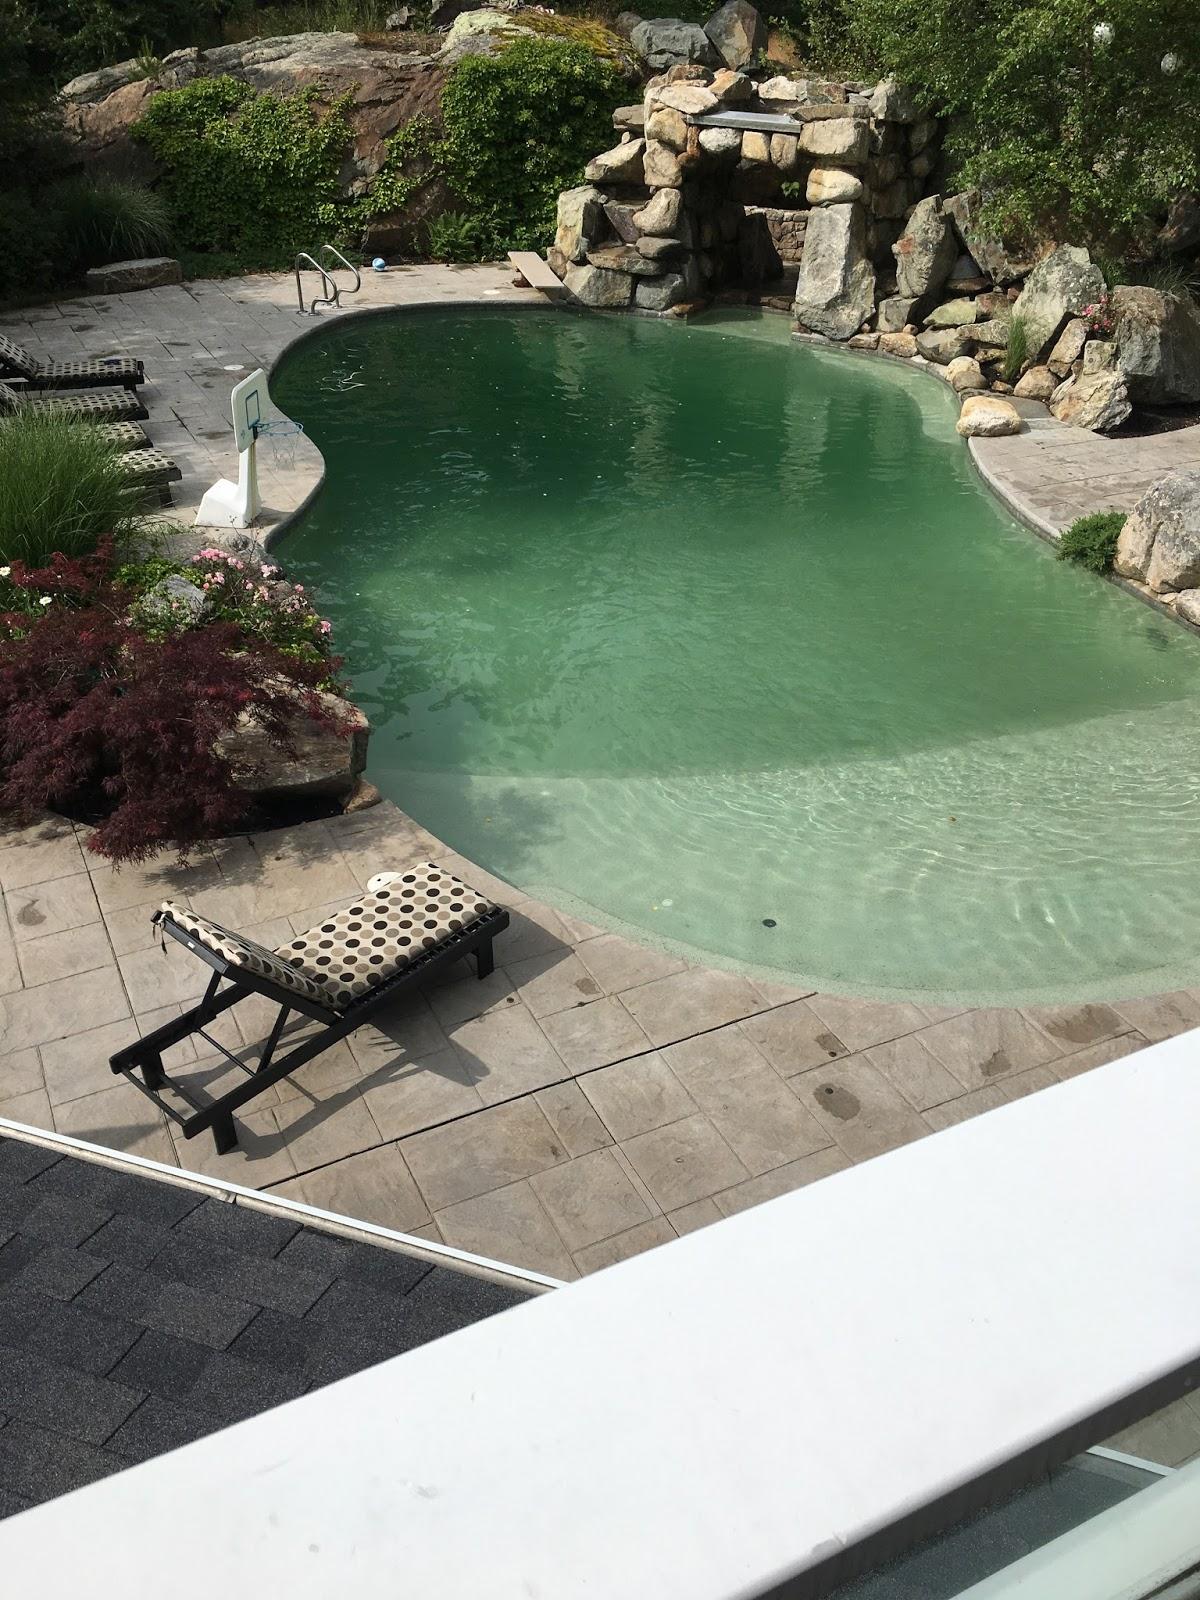 aquaknot pools inc 2016